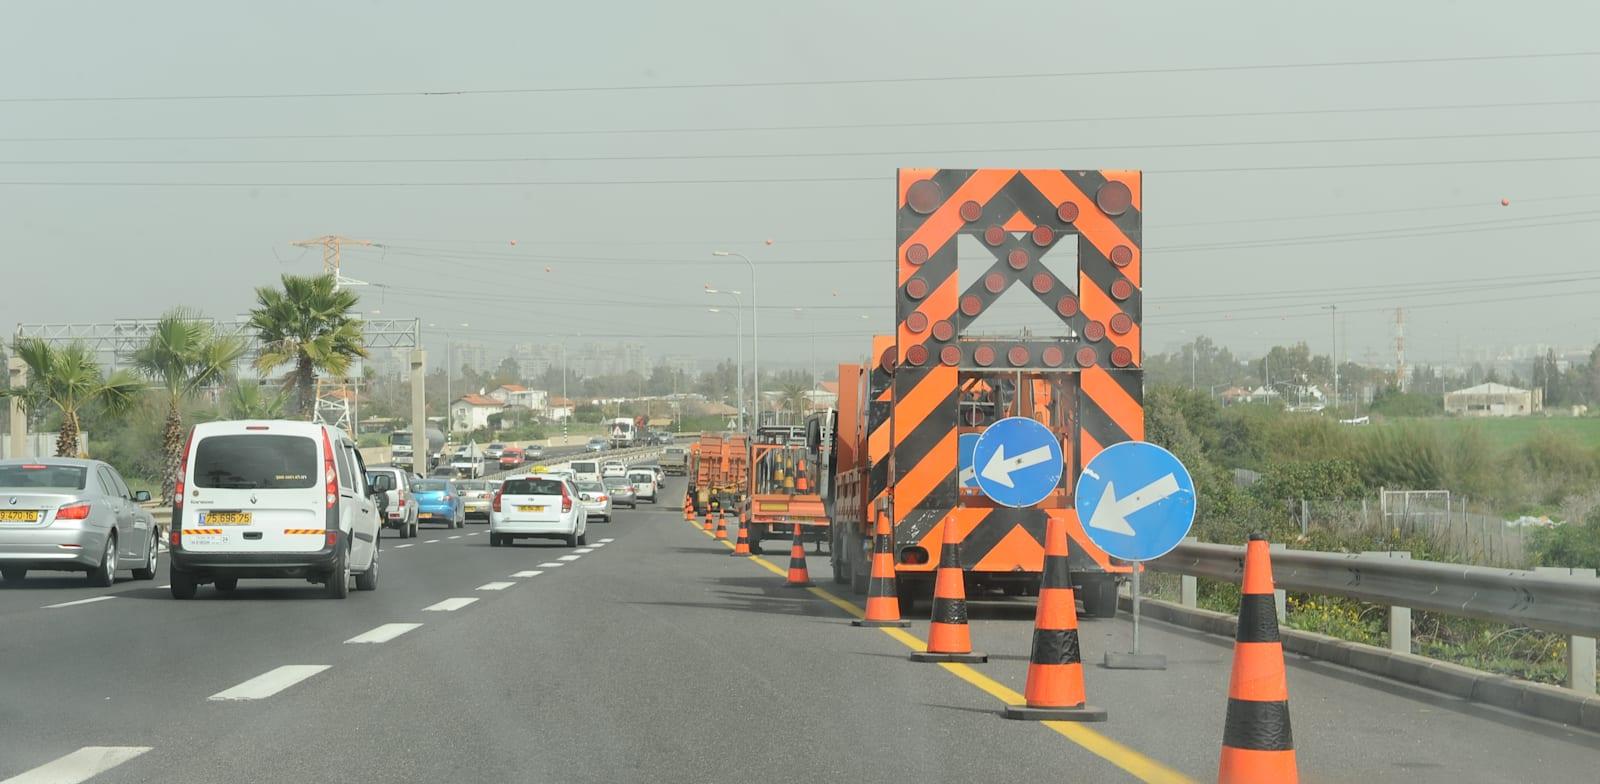 עבודות תשתיות בכביש / צילום: תמר מצפי